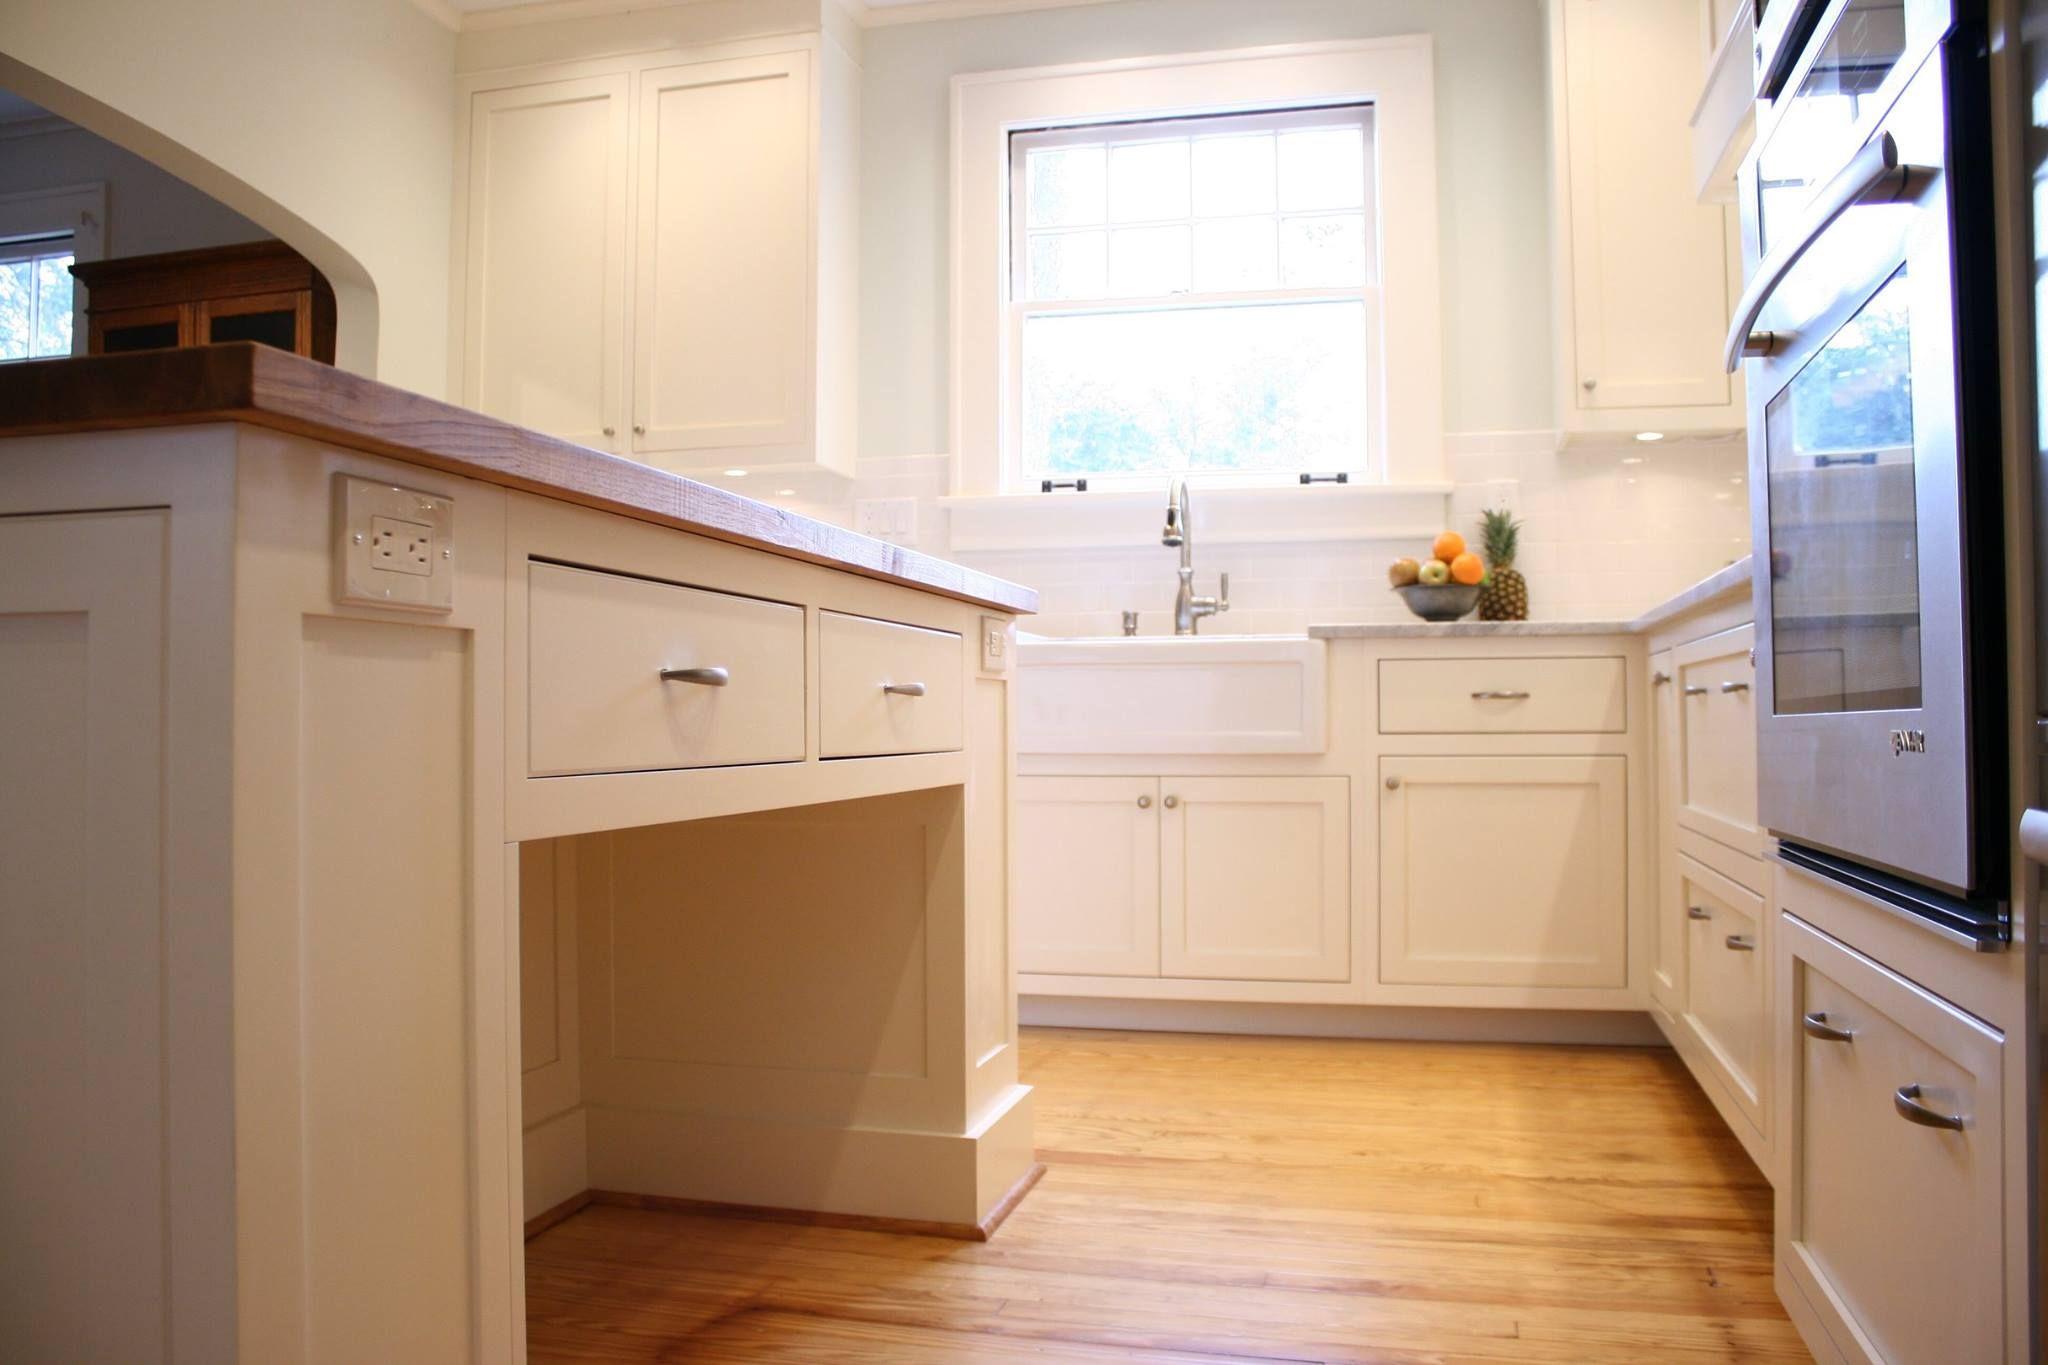 Ellsworth Hallett Savannah Ga Kitchen Inspirations Kitchen Design Building Design